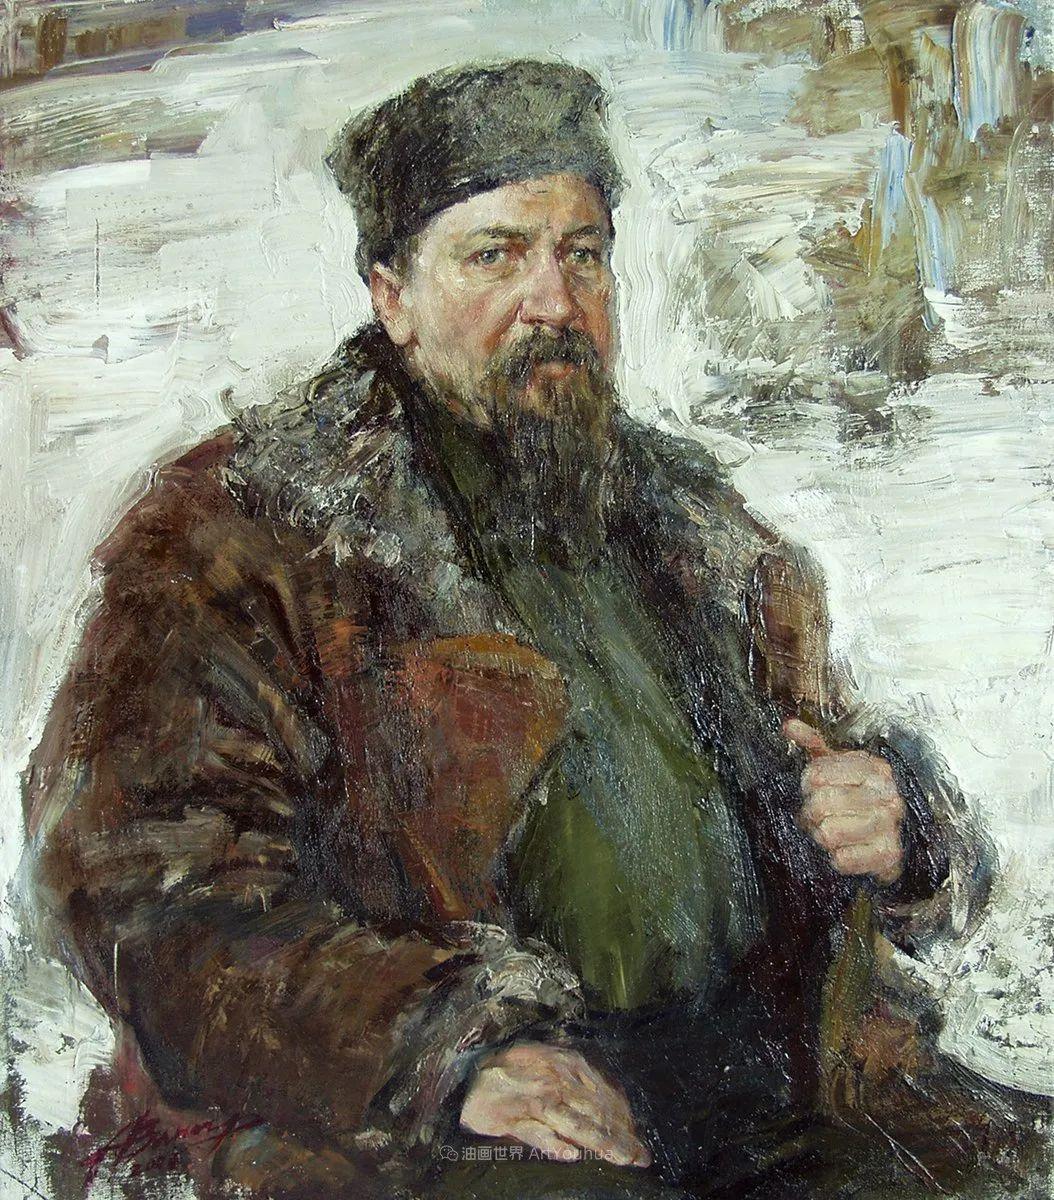 安娜人物肖像作品,浓浓的俄罗斯油画风韵!插图97